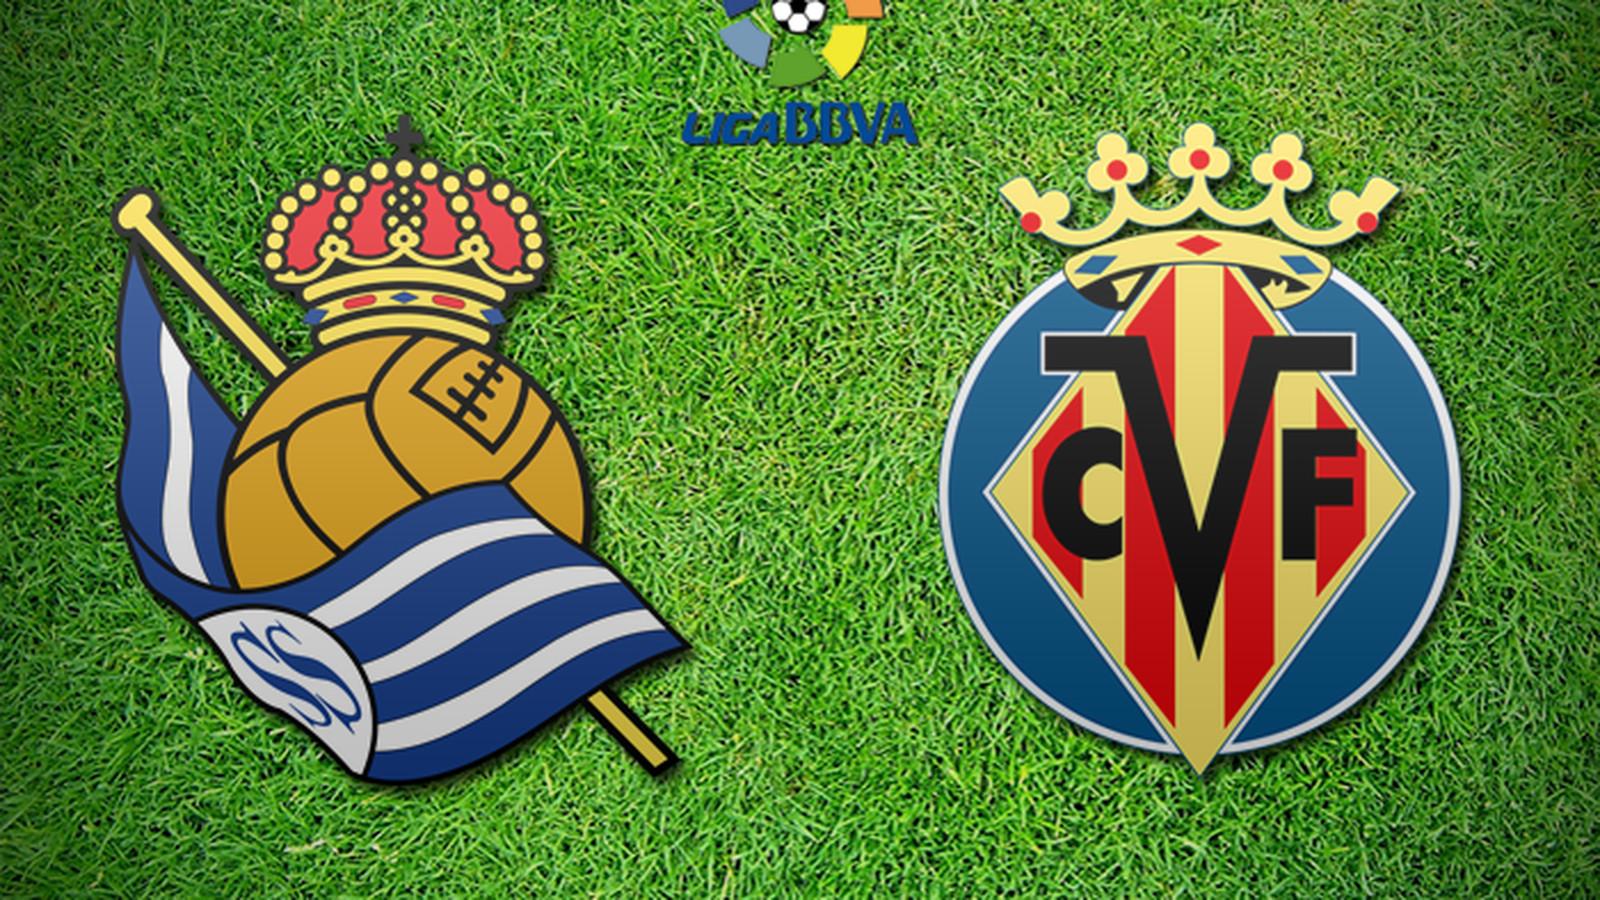 Gamethread: Villarreal face Real Sociedad in 3rd official friendly at ... - Villarreal USA (blog)